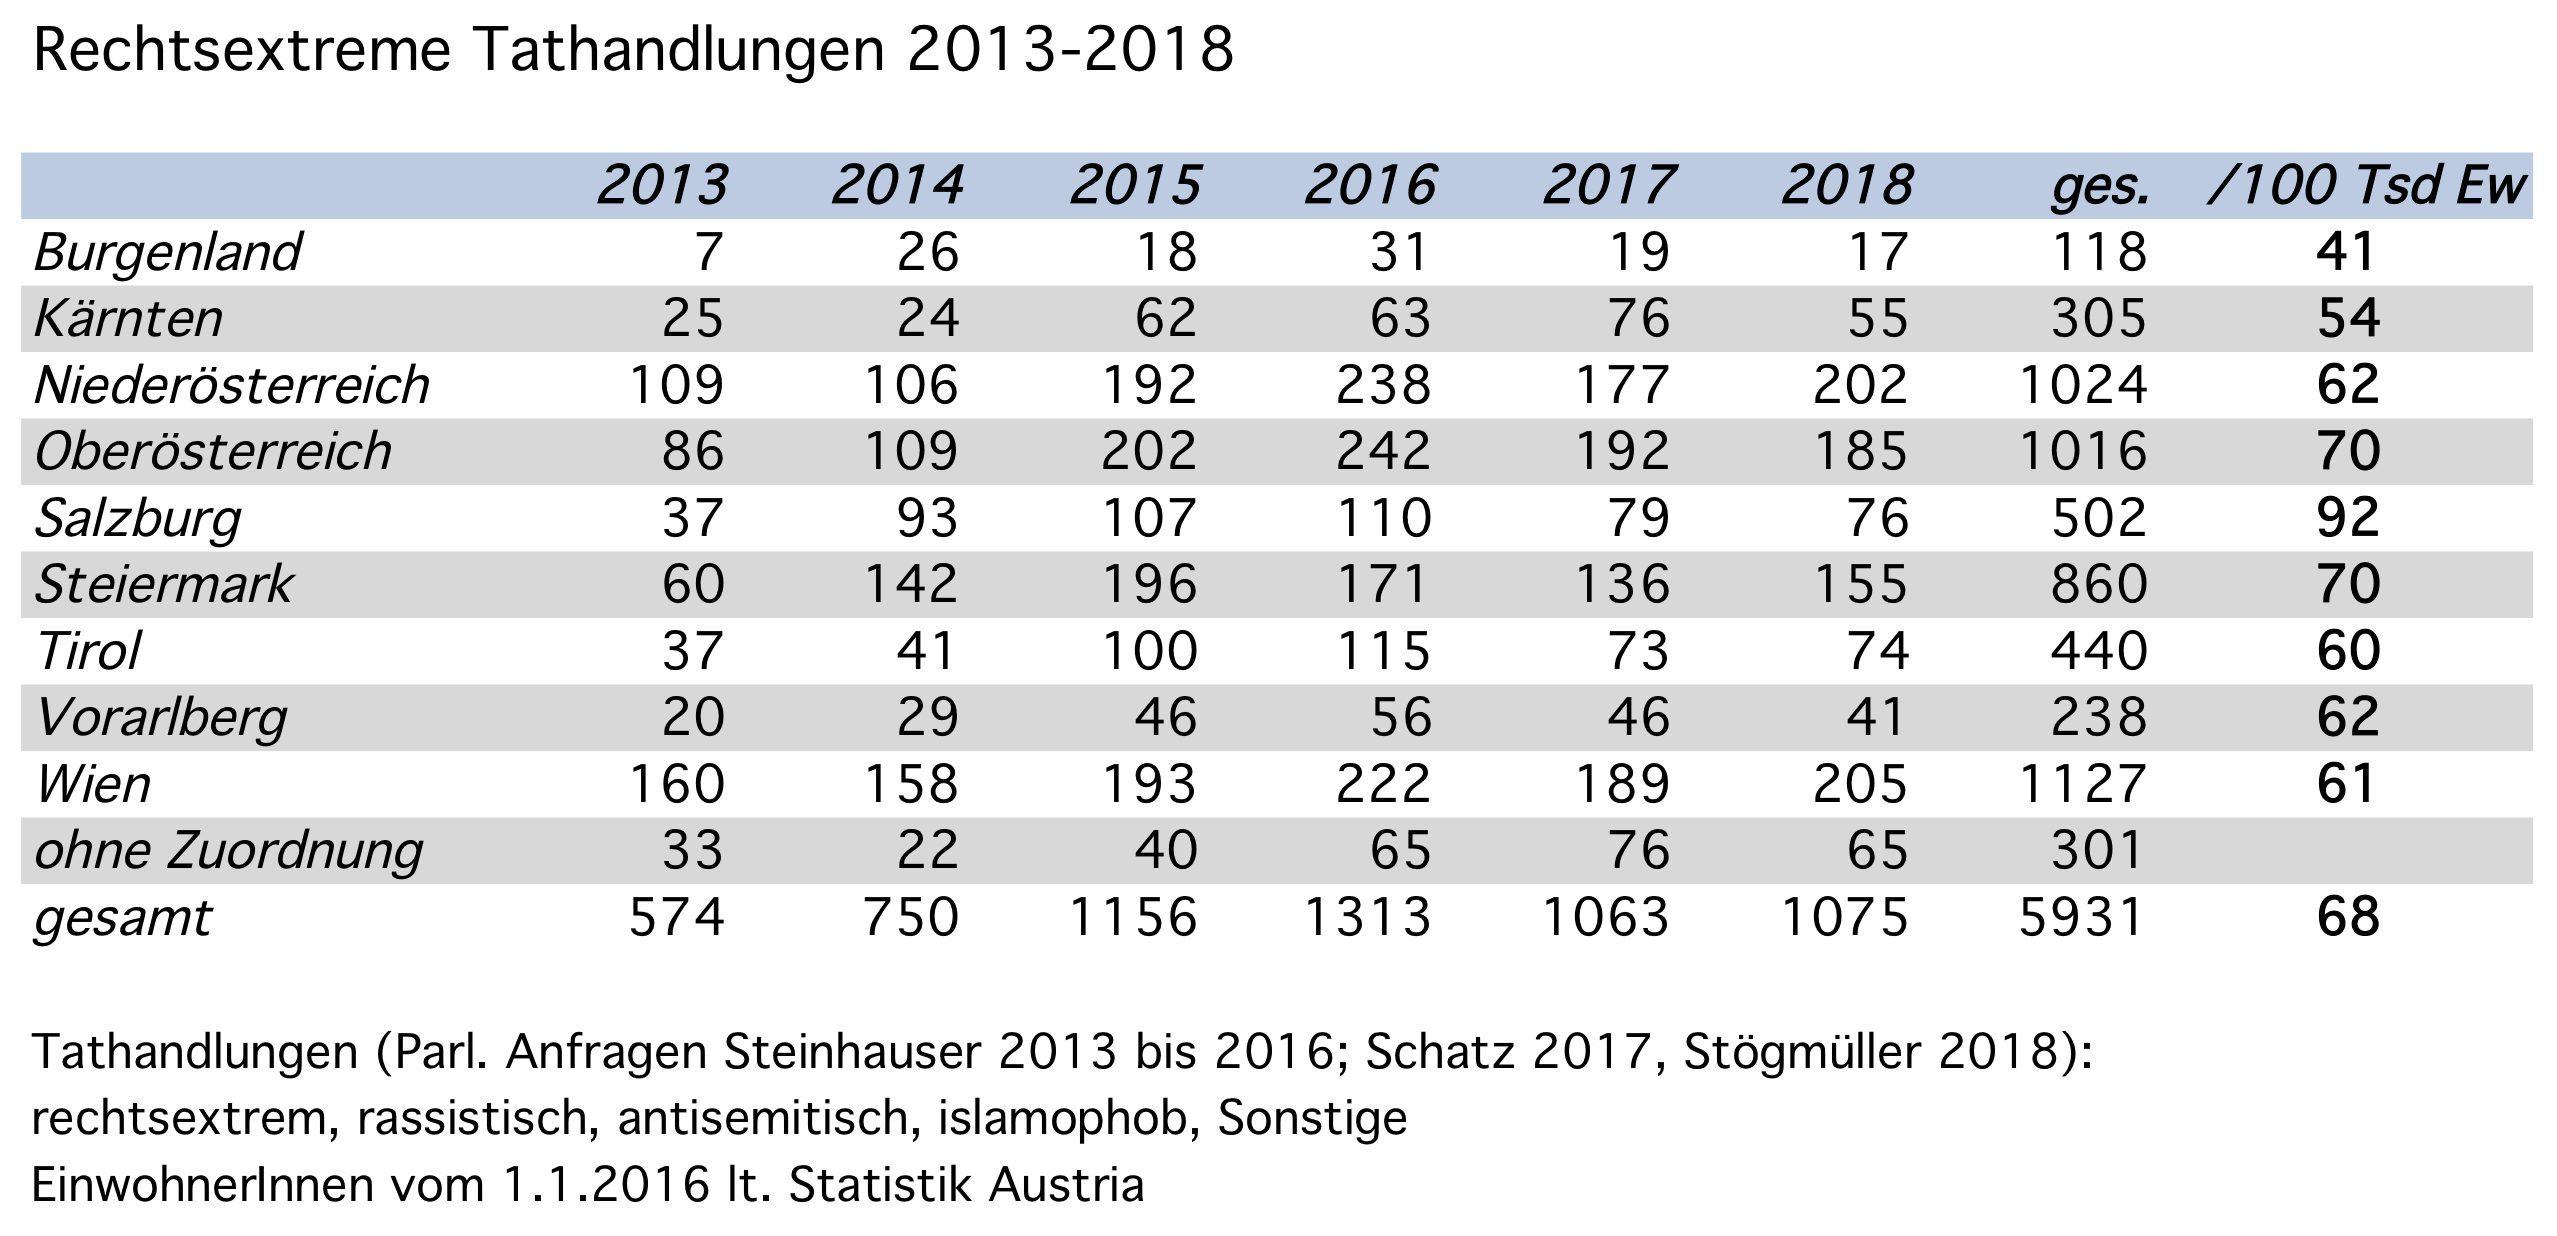 rechtsextrem motivierte Tathandlungen 2013-2018